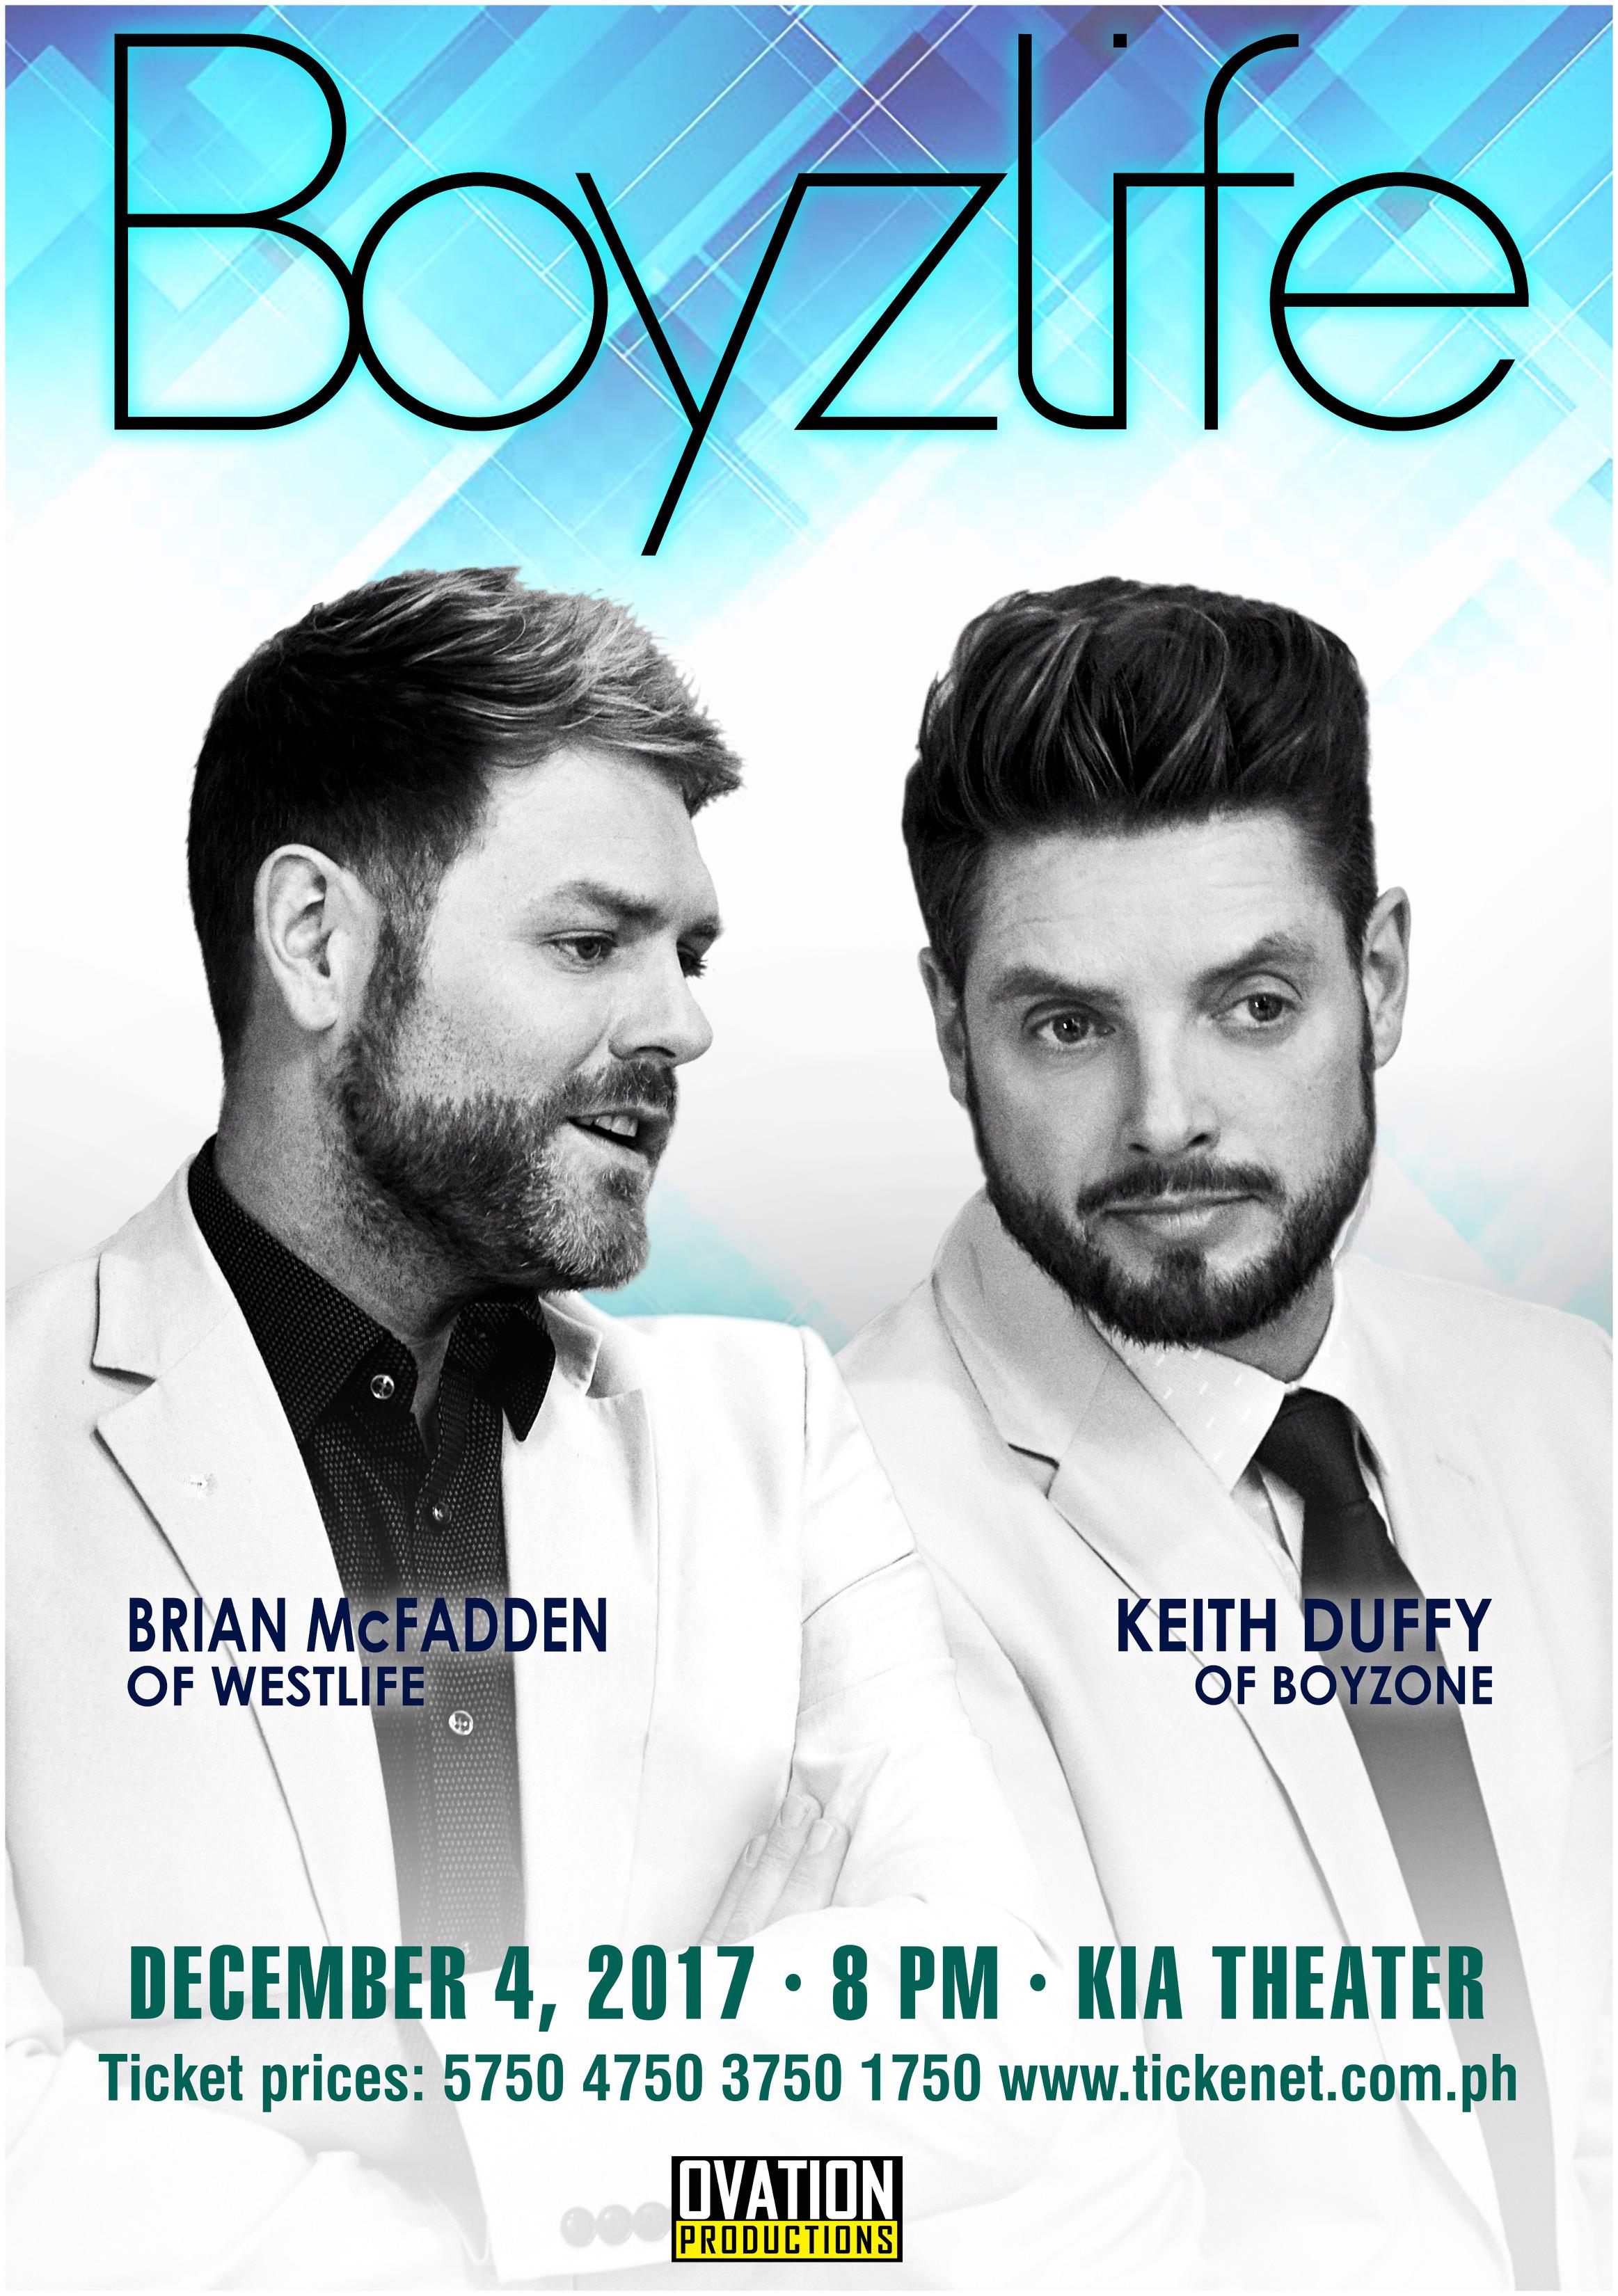 Boyzlife Live In Manila!